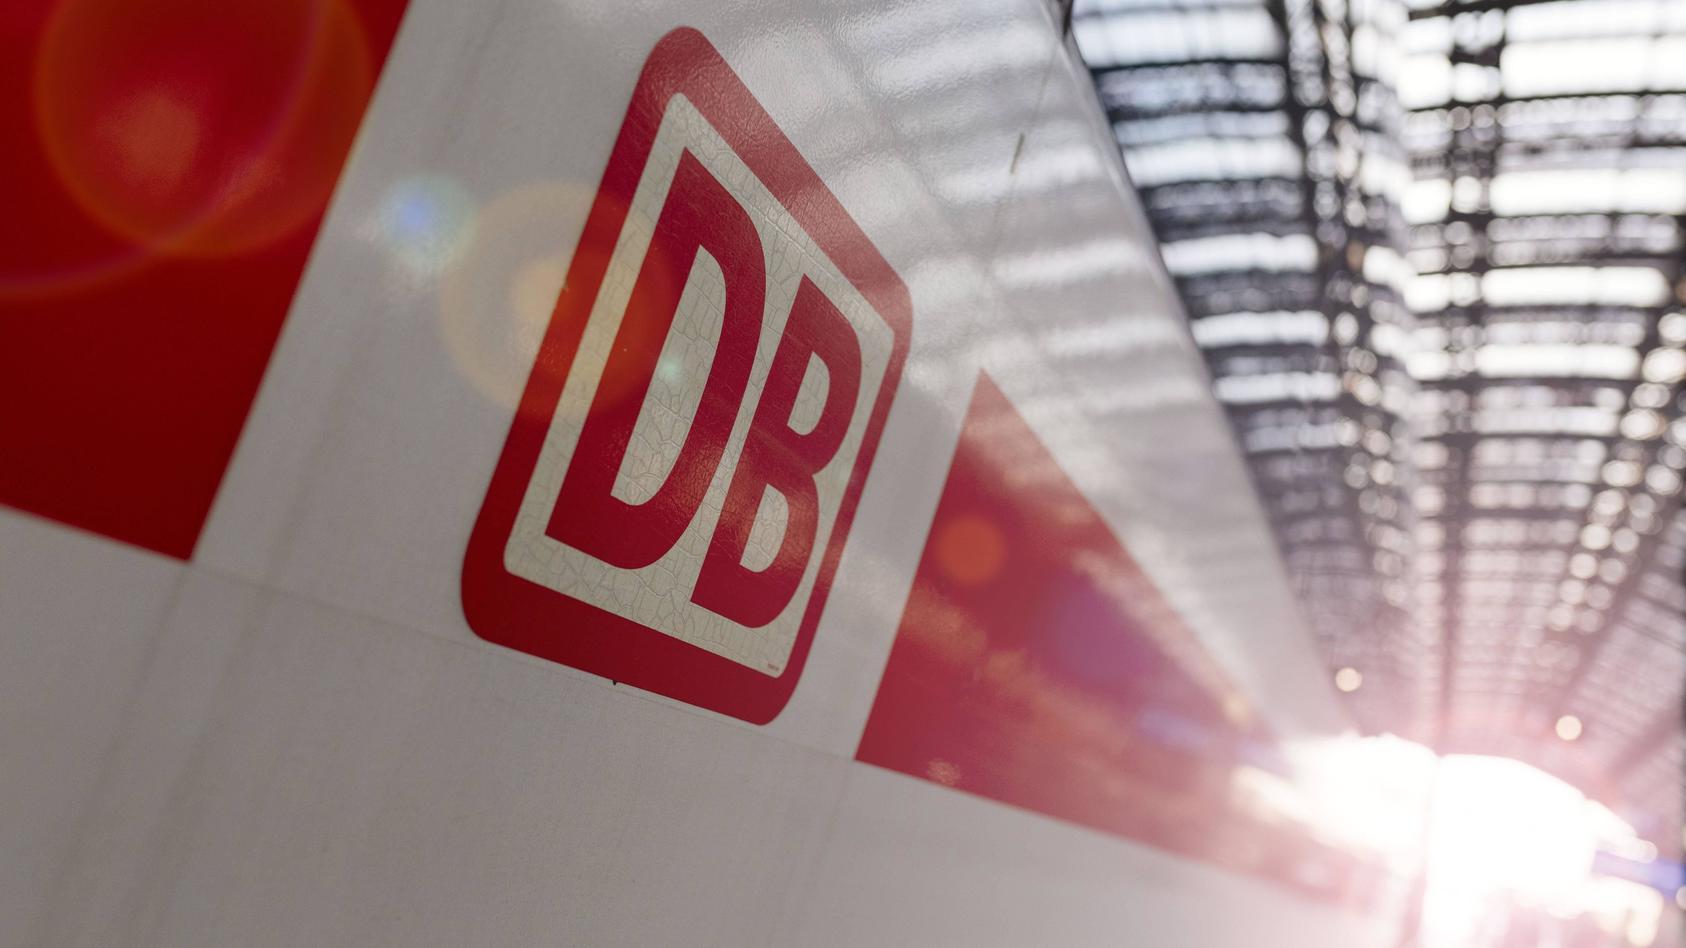 Der Bund investiert in den kommenden zehn Jahren 62 Milliarden Euro für Erhalt und Modernisierung des Schienennetzes, die Deutsche Bahn weitere 24 Milliarden Euro.